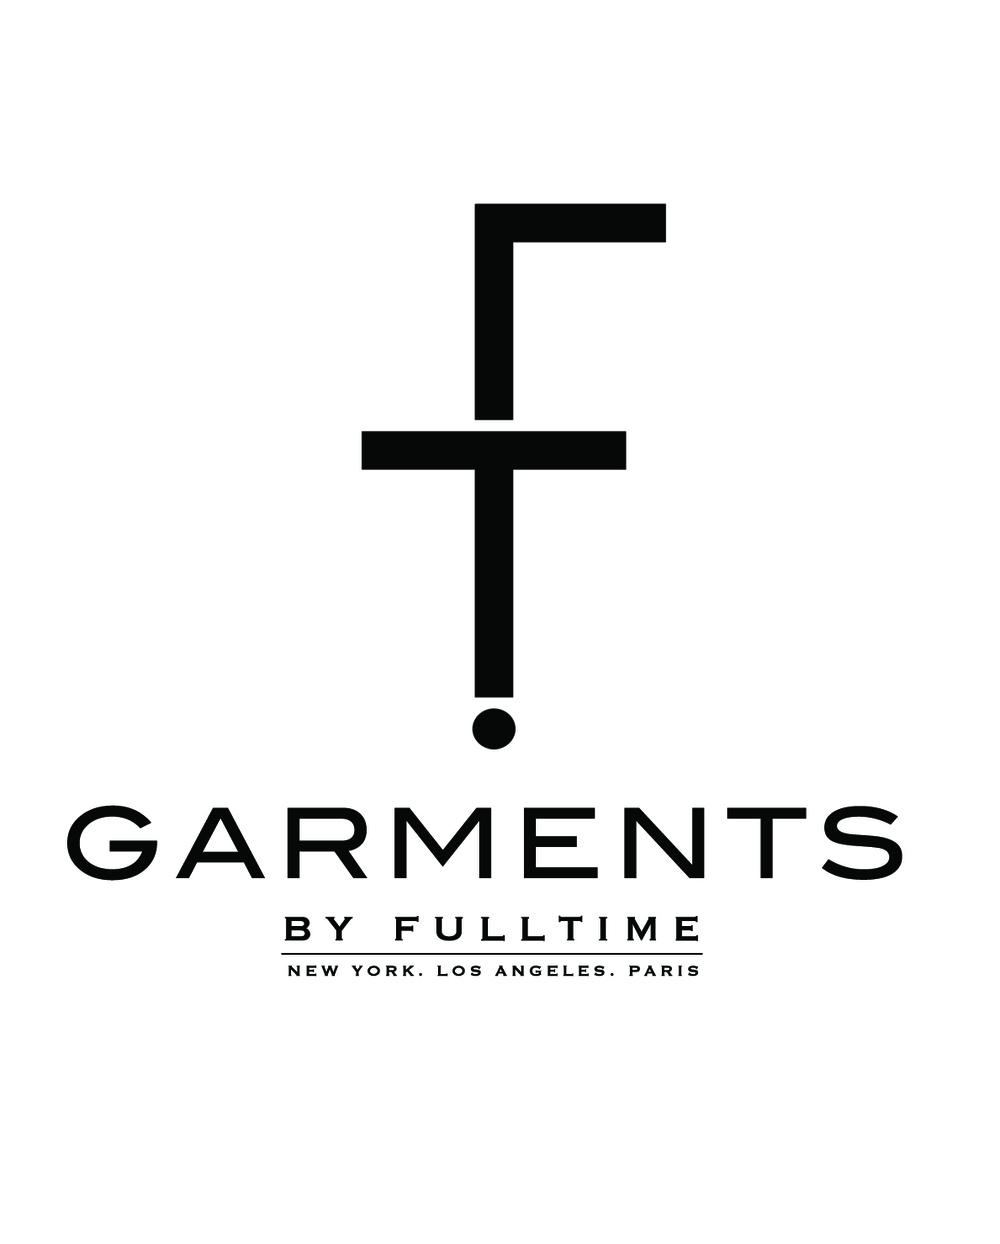 FT_GARMENTS_LOGO_2.jpg